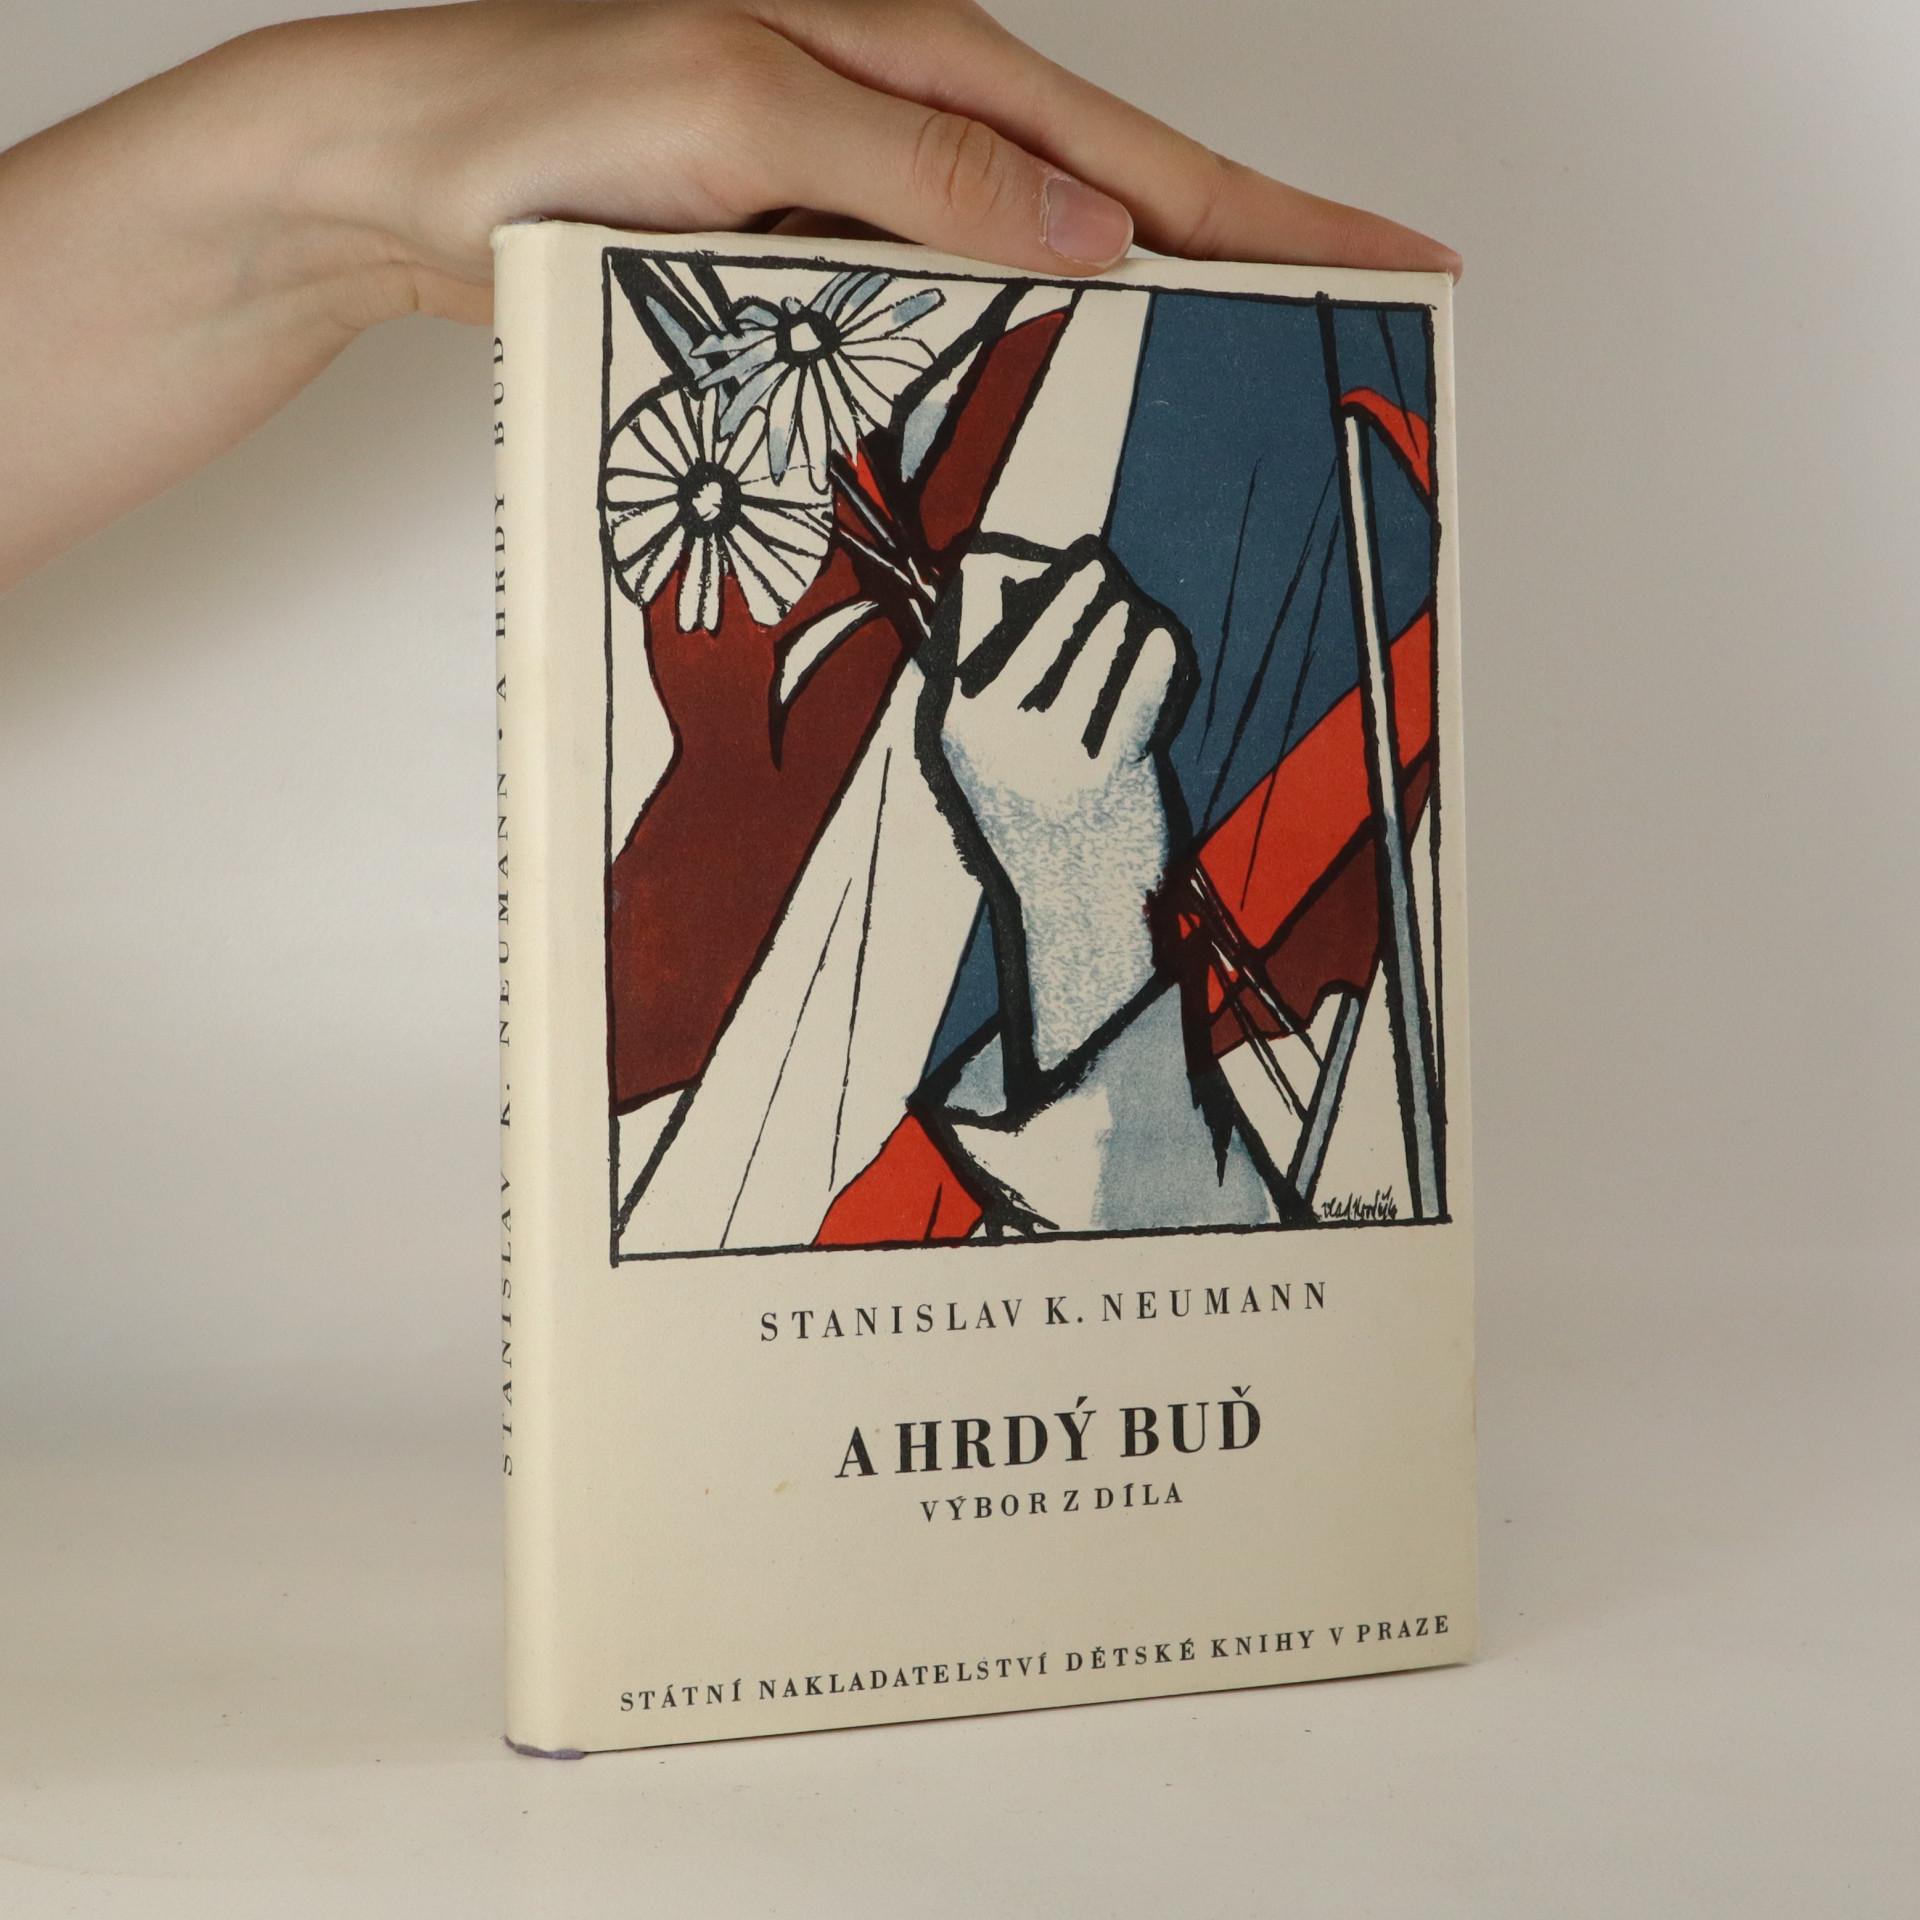 antikvární kniha A hrdý buď (výbor z díla), 1950